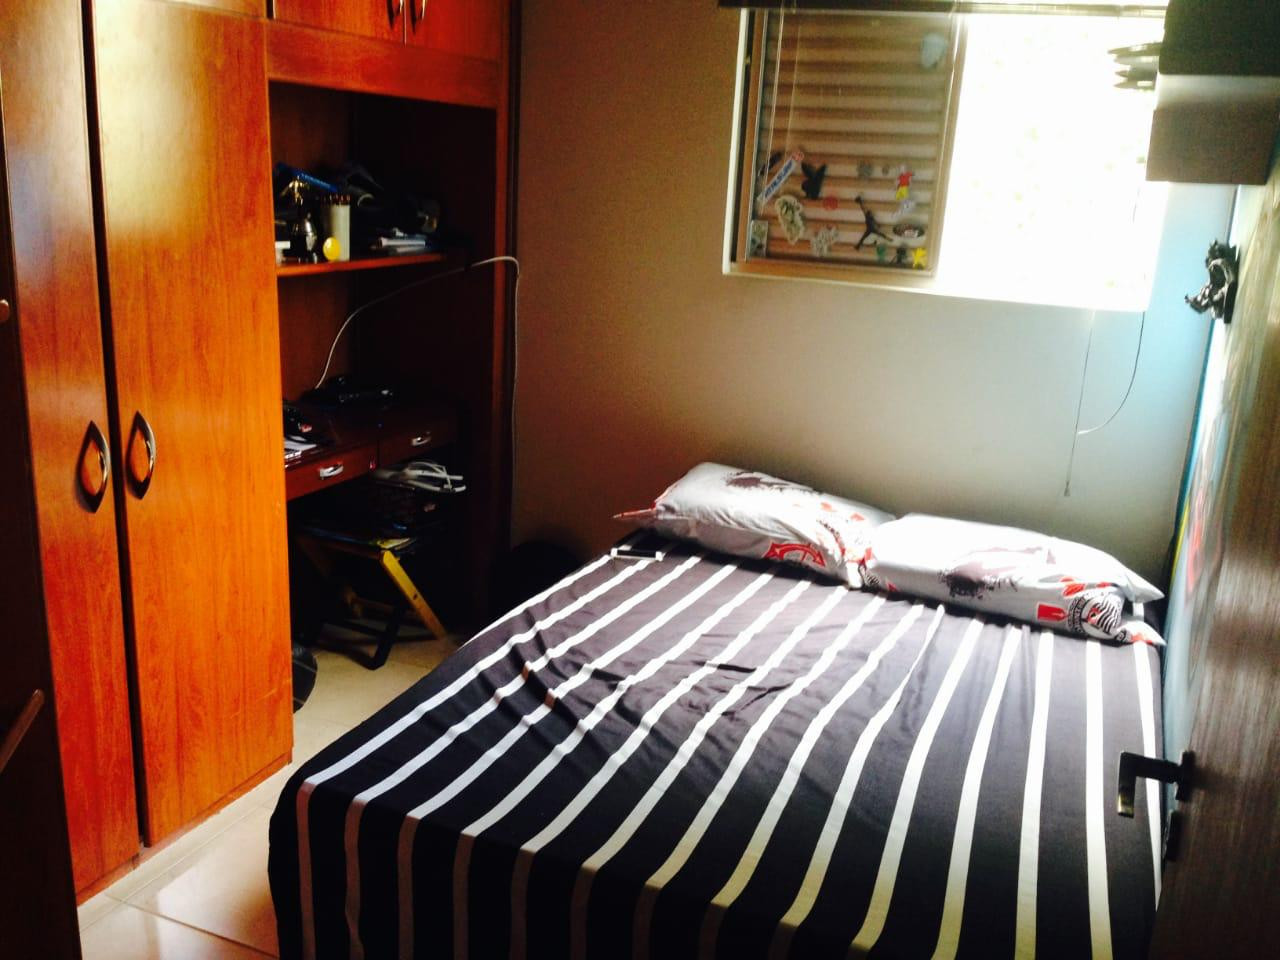 TF1056 - Lindo apartamento com 3 dormitórios na Vila Alpina. 1 vaga!